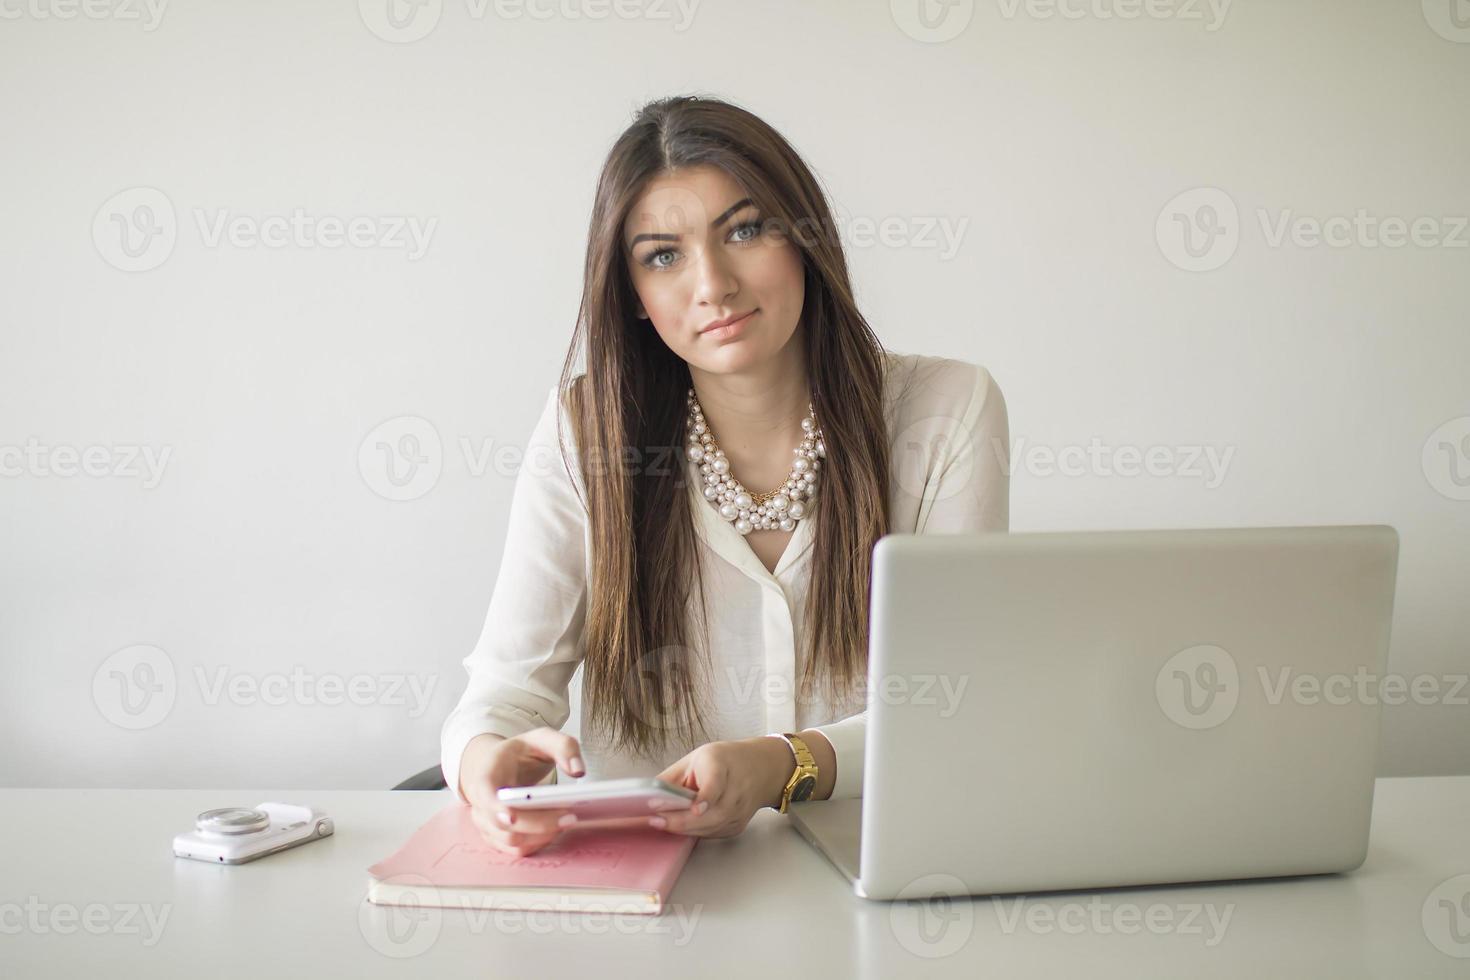 mulher jovem e bonita feliz usando laptop, dentro de casa foto